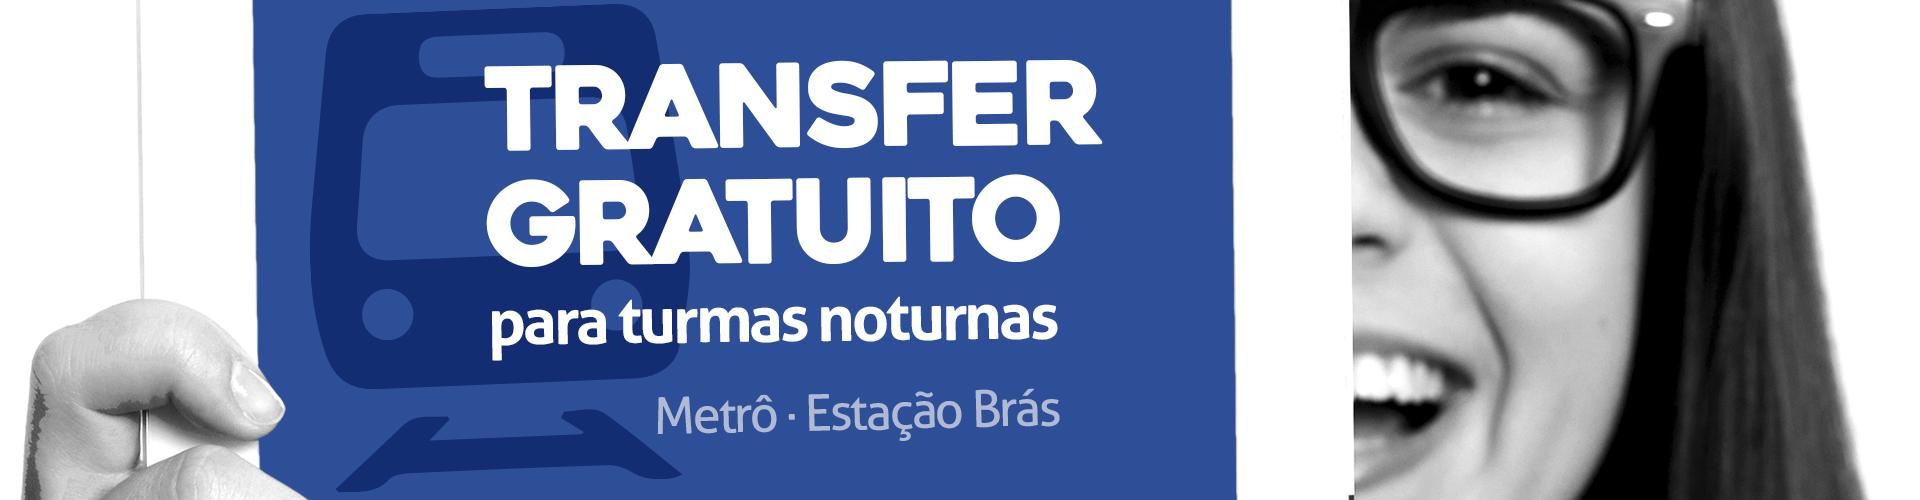 Transfer Gratuito